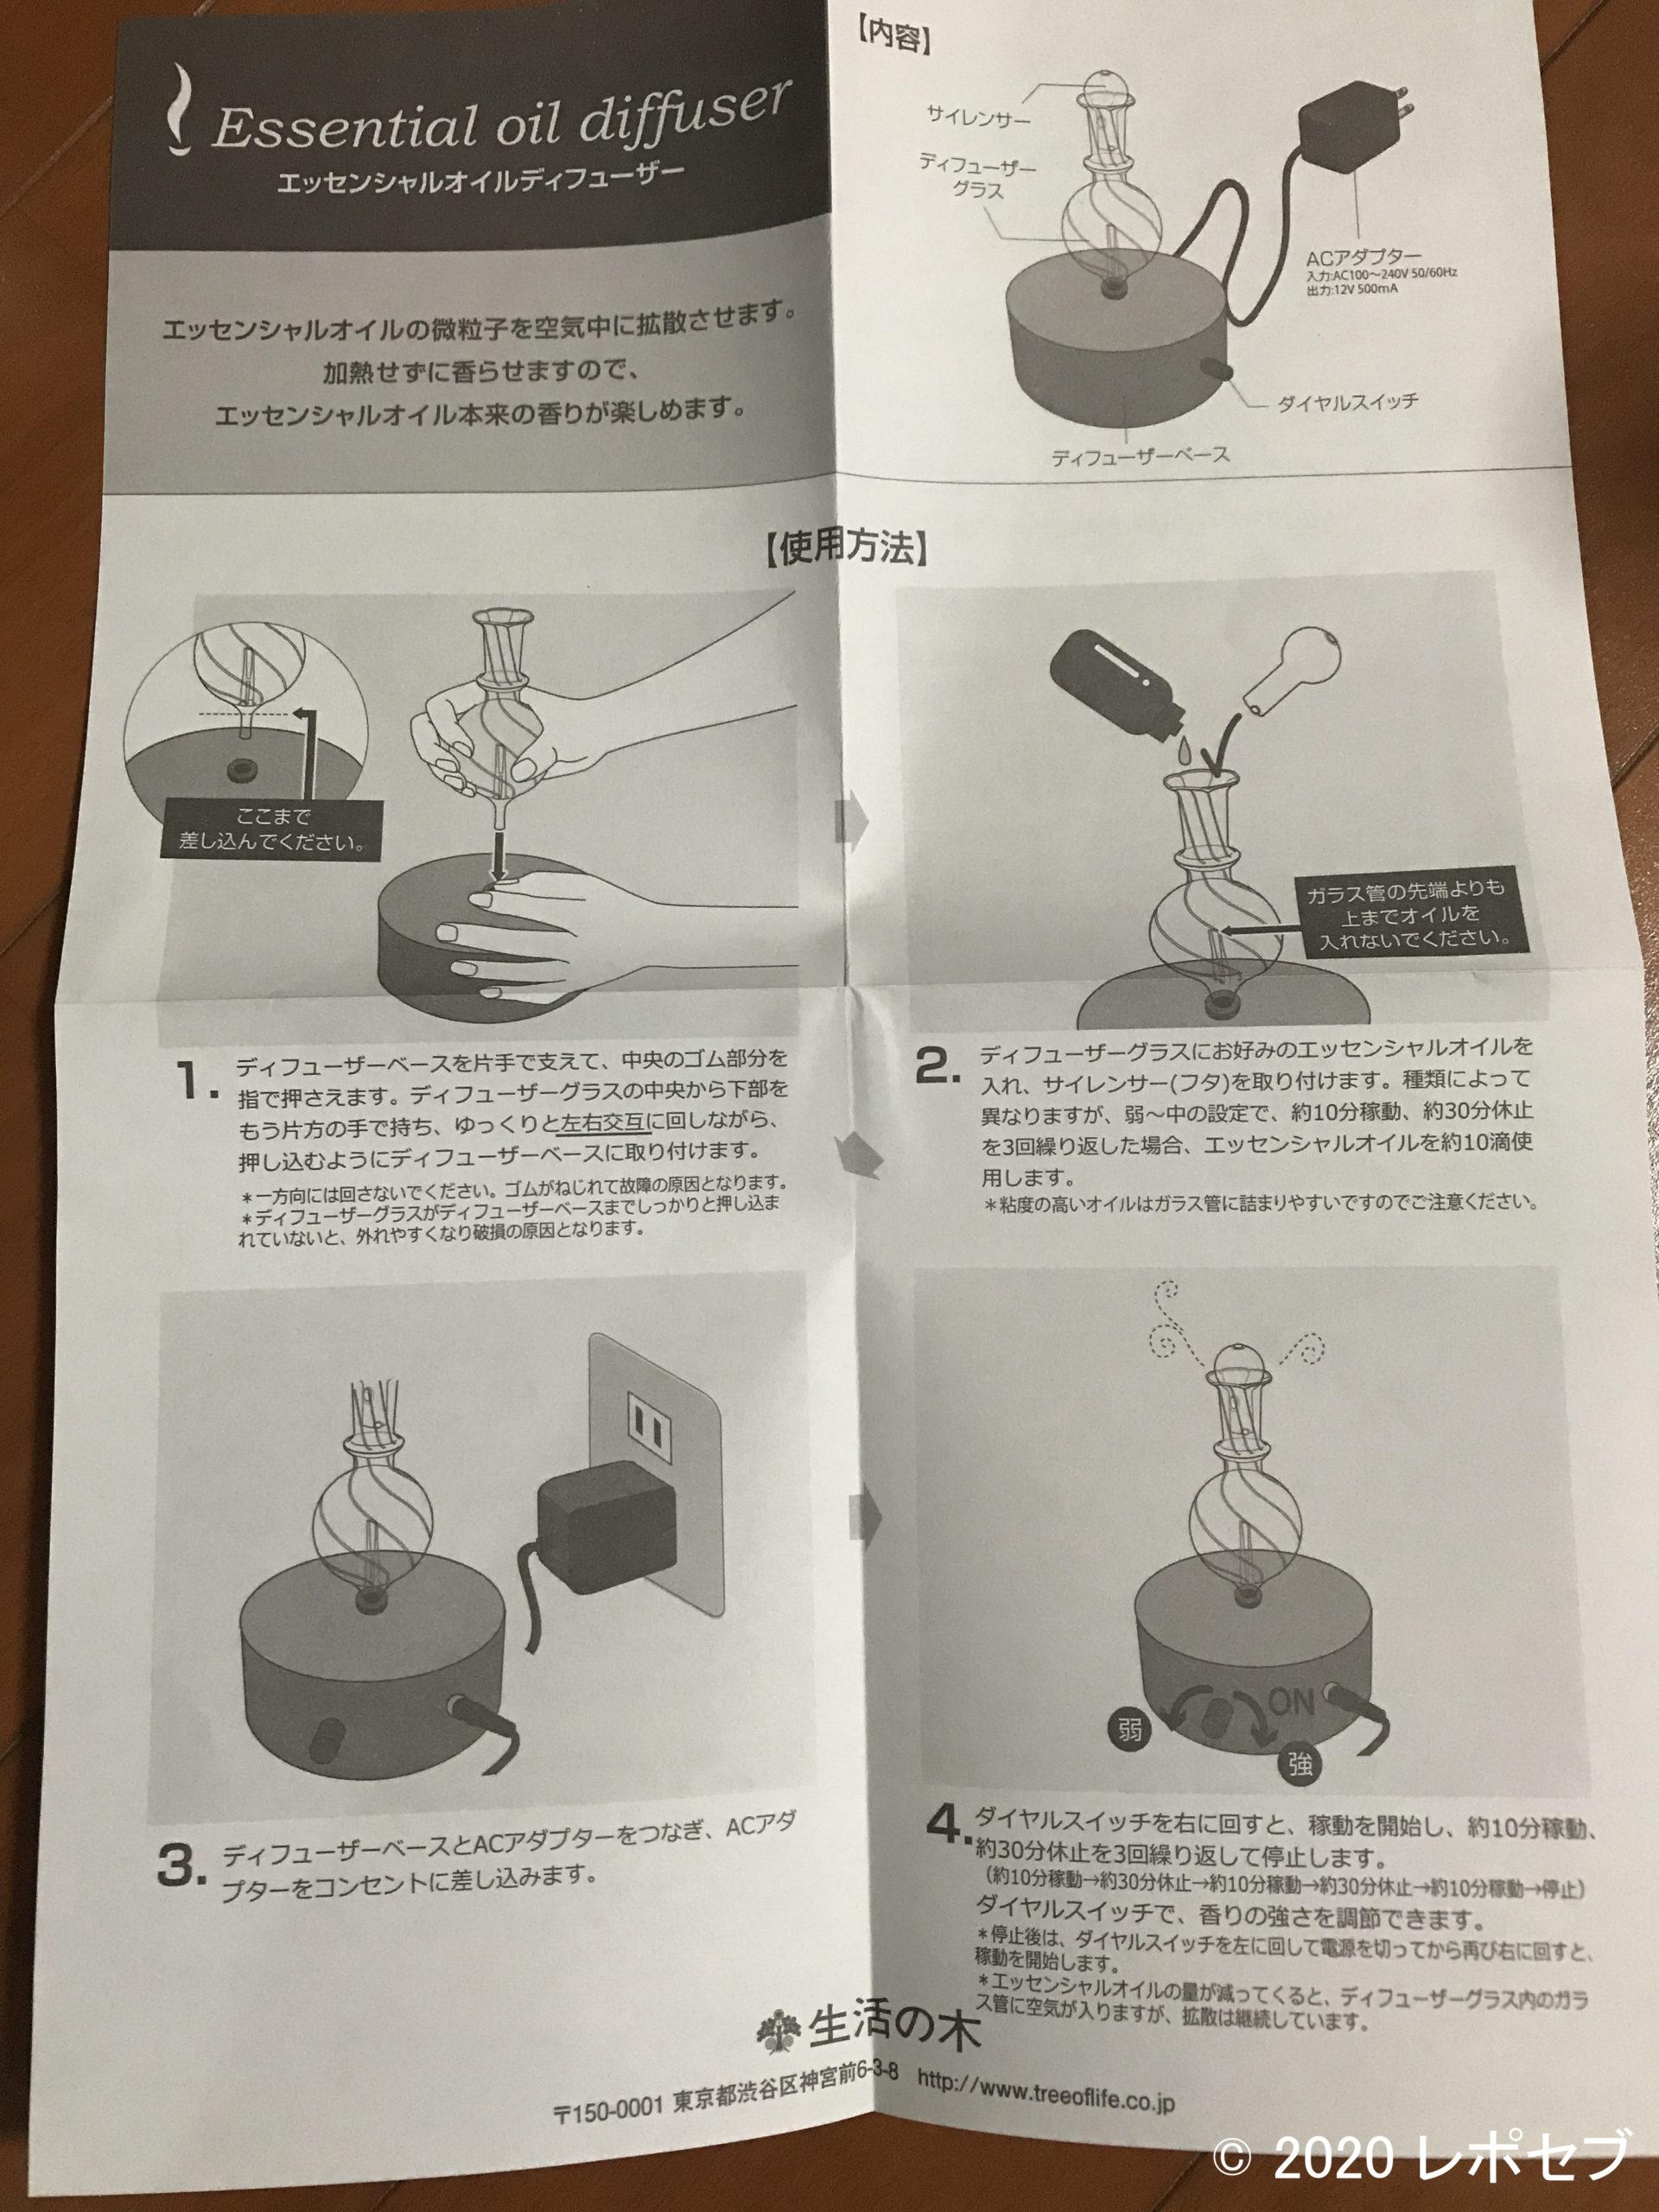 生活の木エッセンシャルオイルディフューザー説明書